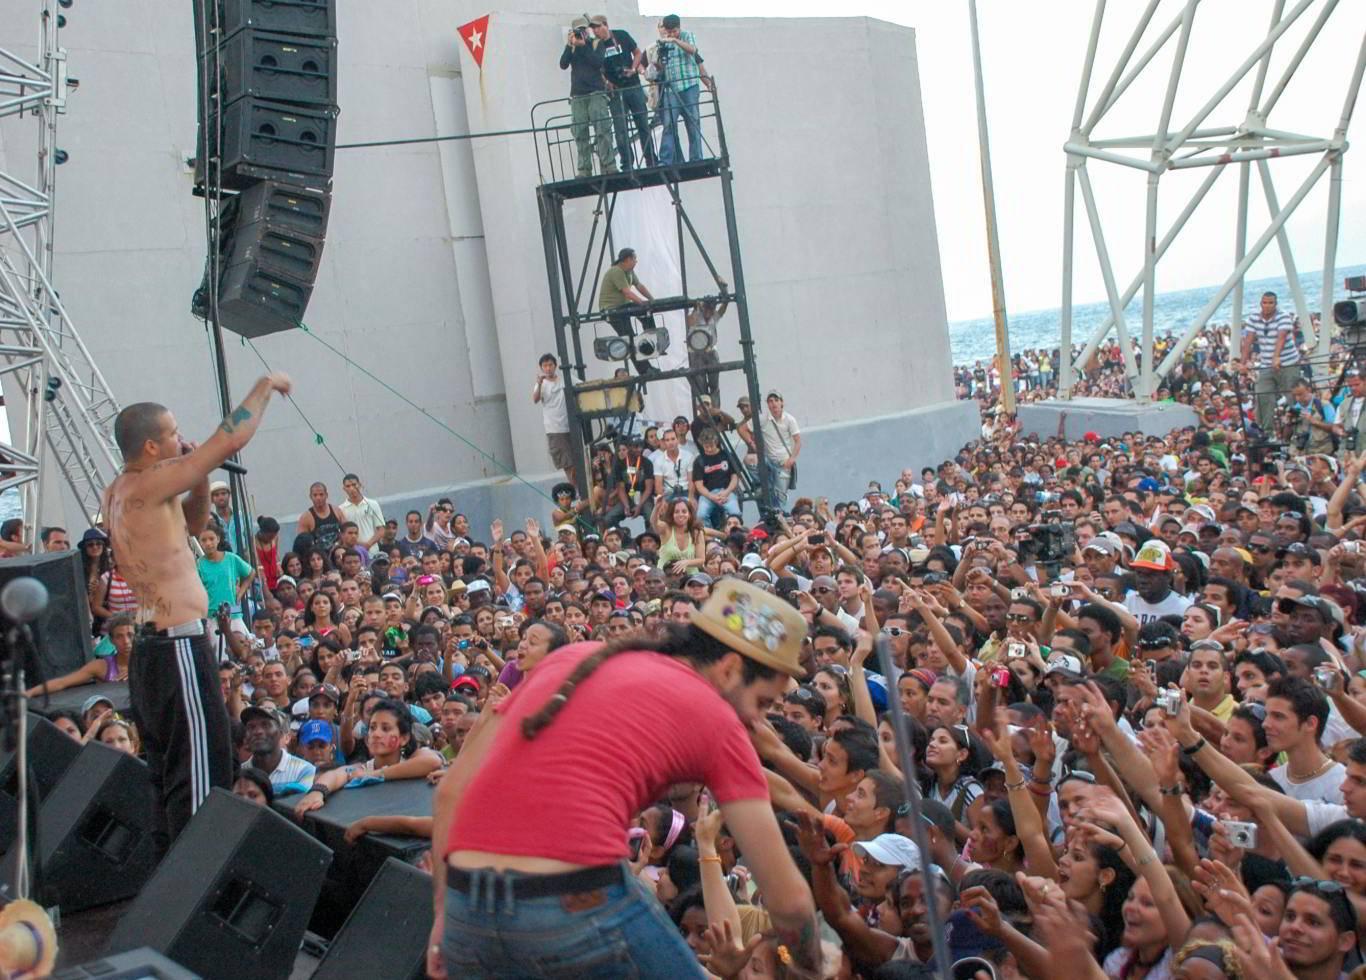 Concierto de Calle 13 en la Tribuna Antiimperialista José Martí, el 23 de marzo de 2010. Foto: Kaloian.